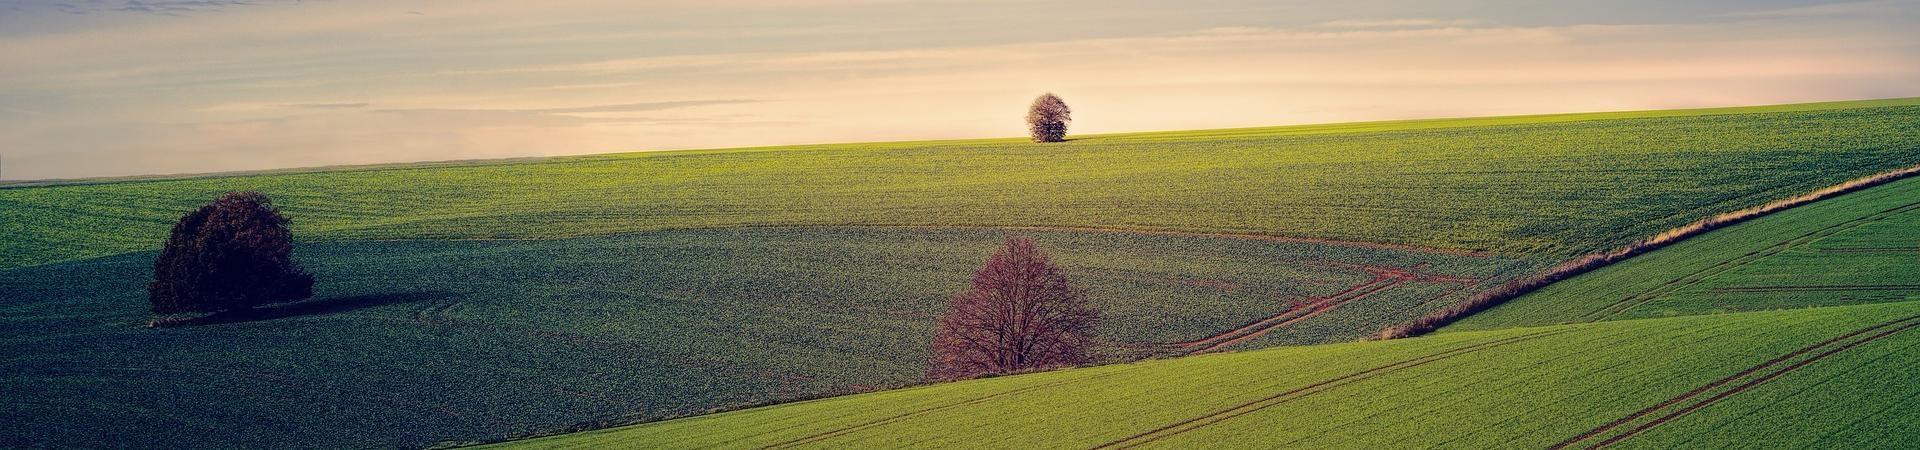 fields-3799279_1920